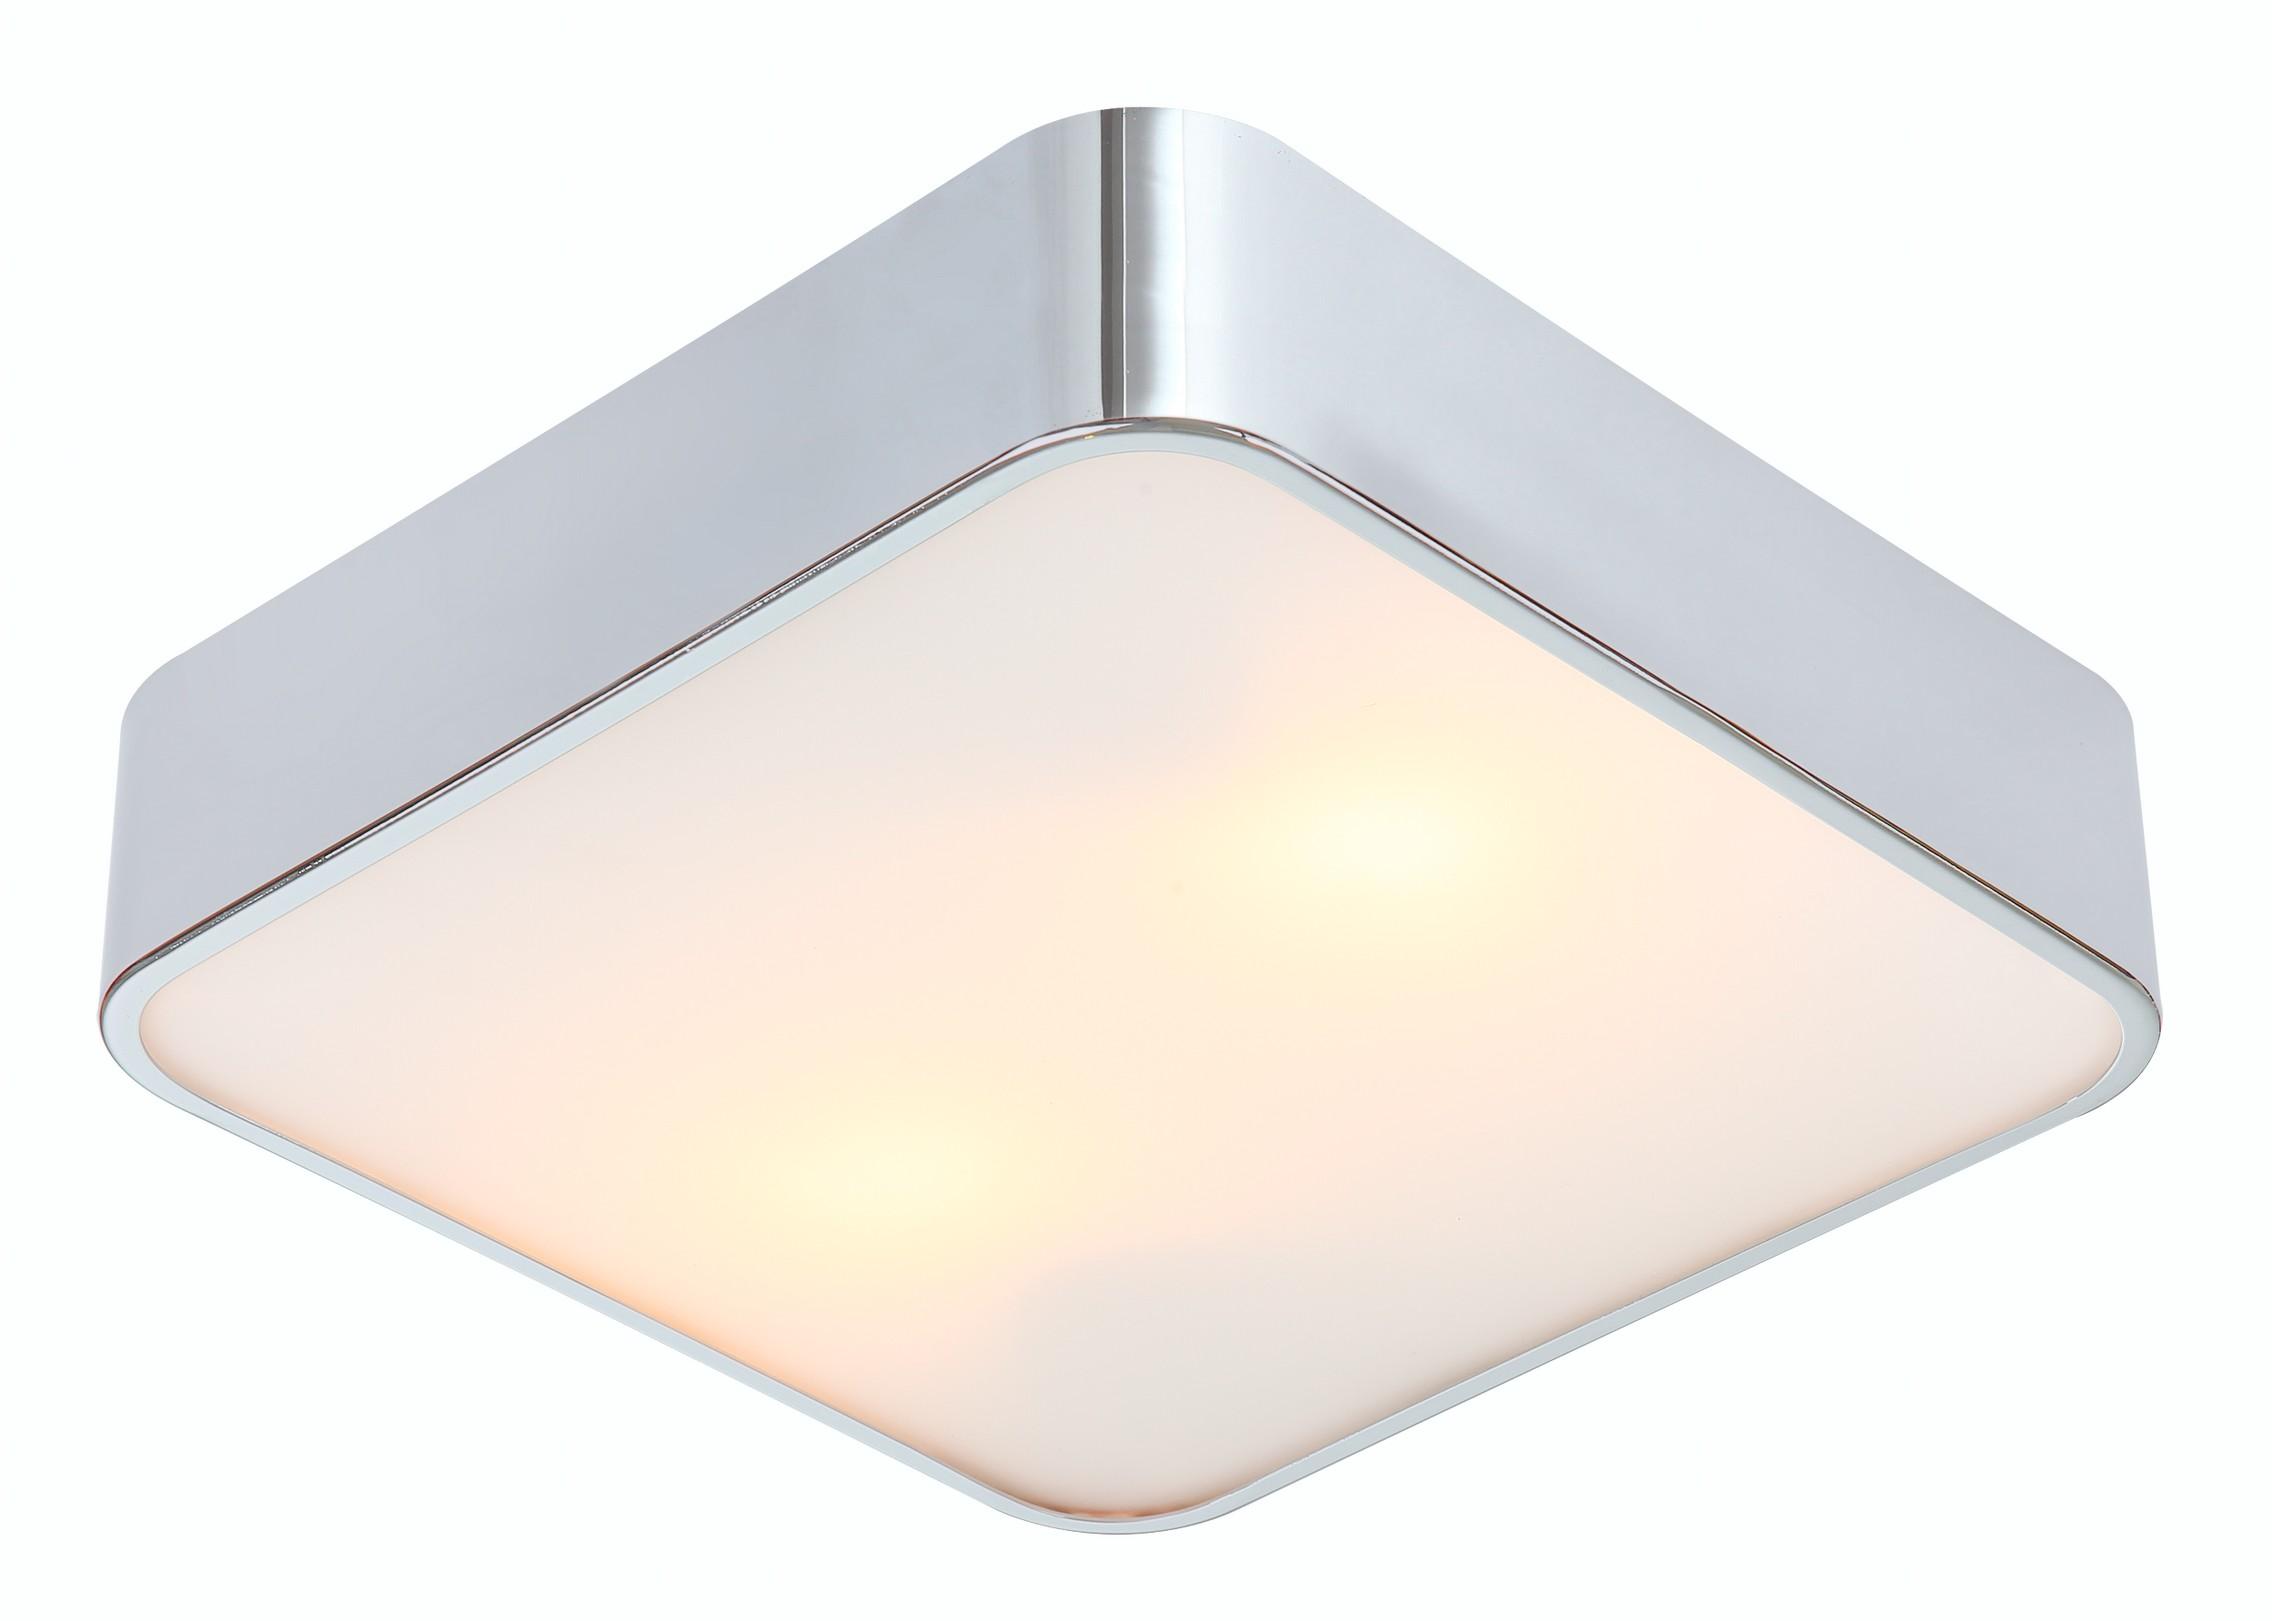 Светильник настенно-потолочный Arte lamp Cosmopolitan a7210pl-2cc накладной светильник arte lamp cosmopolitan a7210pl 2cc